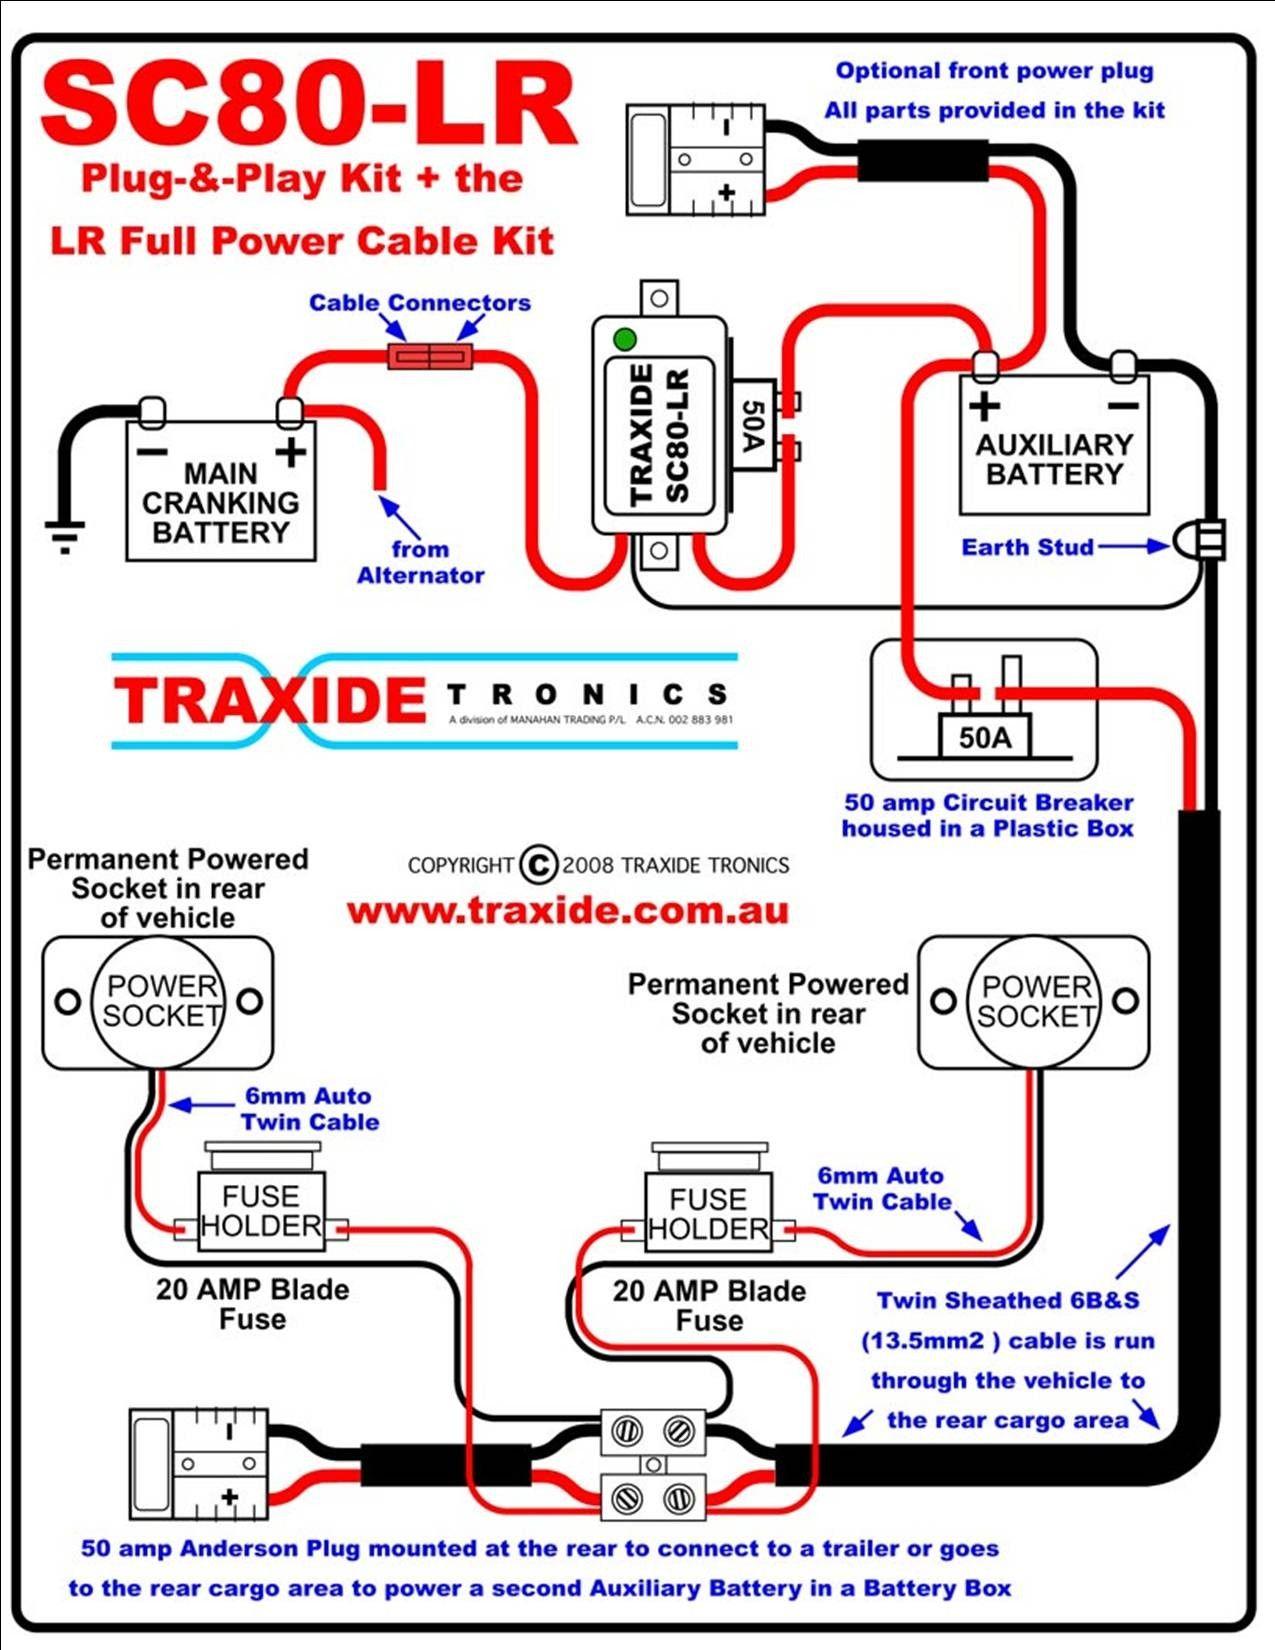 New Caravan Wiring Diagram Australia Diagram Diagramtemplate Diagramsample